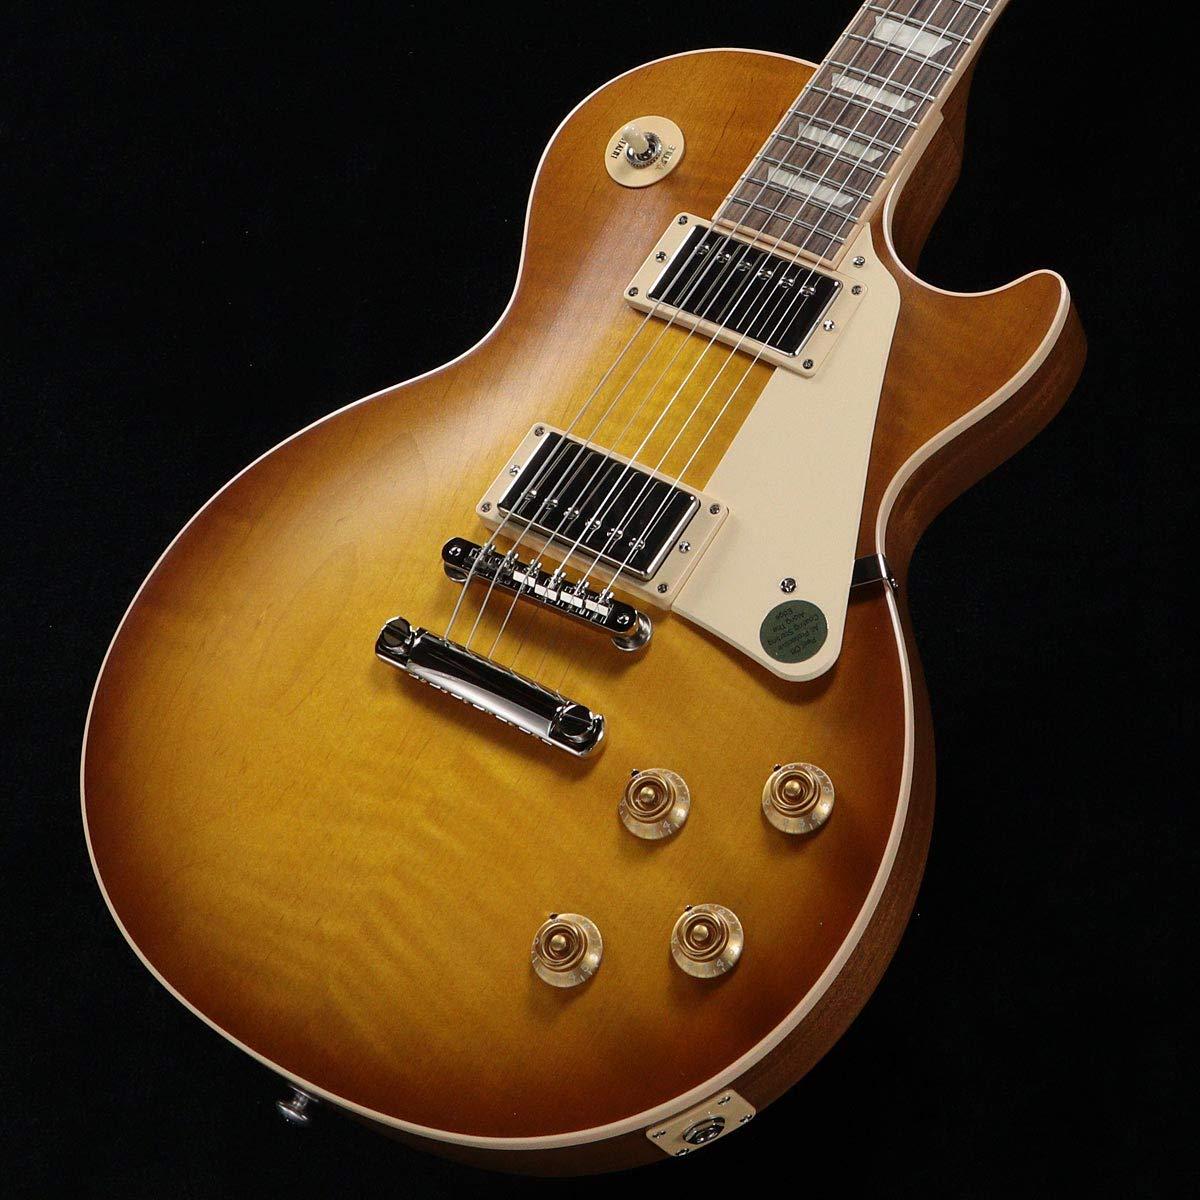 トミカチョウ Gibson Faded USA Honeyburst/Les Paul Satin Standard 2019 Faded Satin Honeyburst 50s Plain Top B07RBNP2QR, へしこ屋千鳥苑:b4968a4c --- sabinosports.com